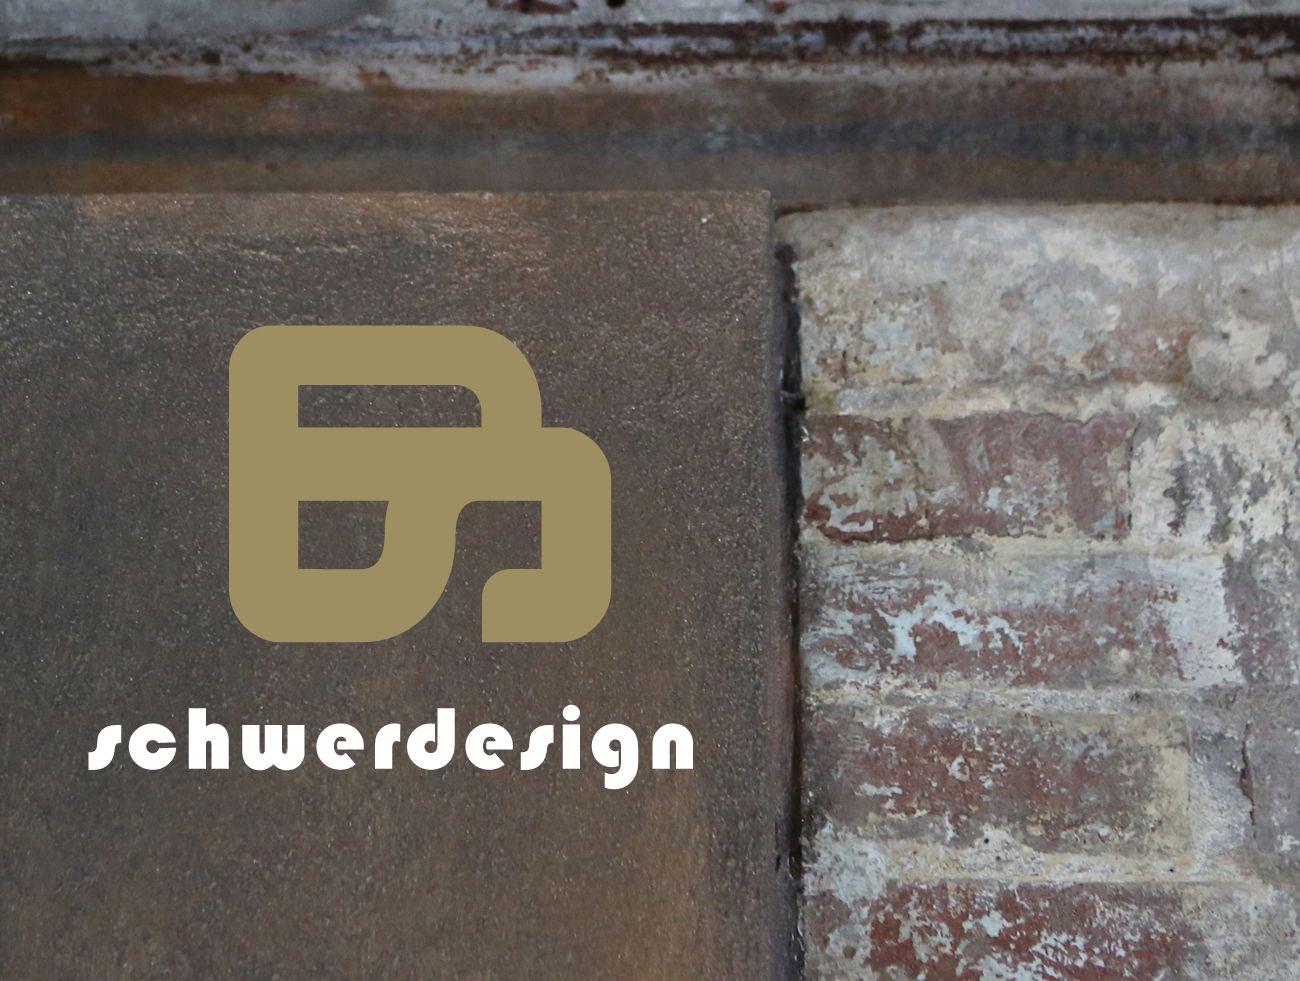 schwerdesign - Die neue Website ist online!